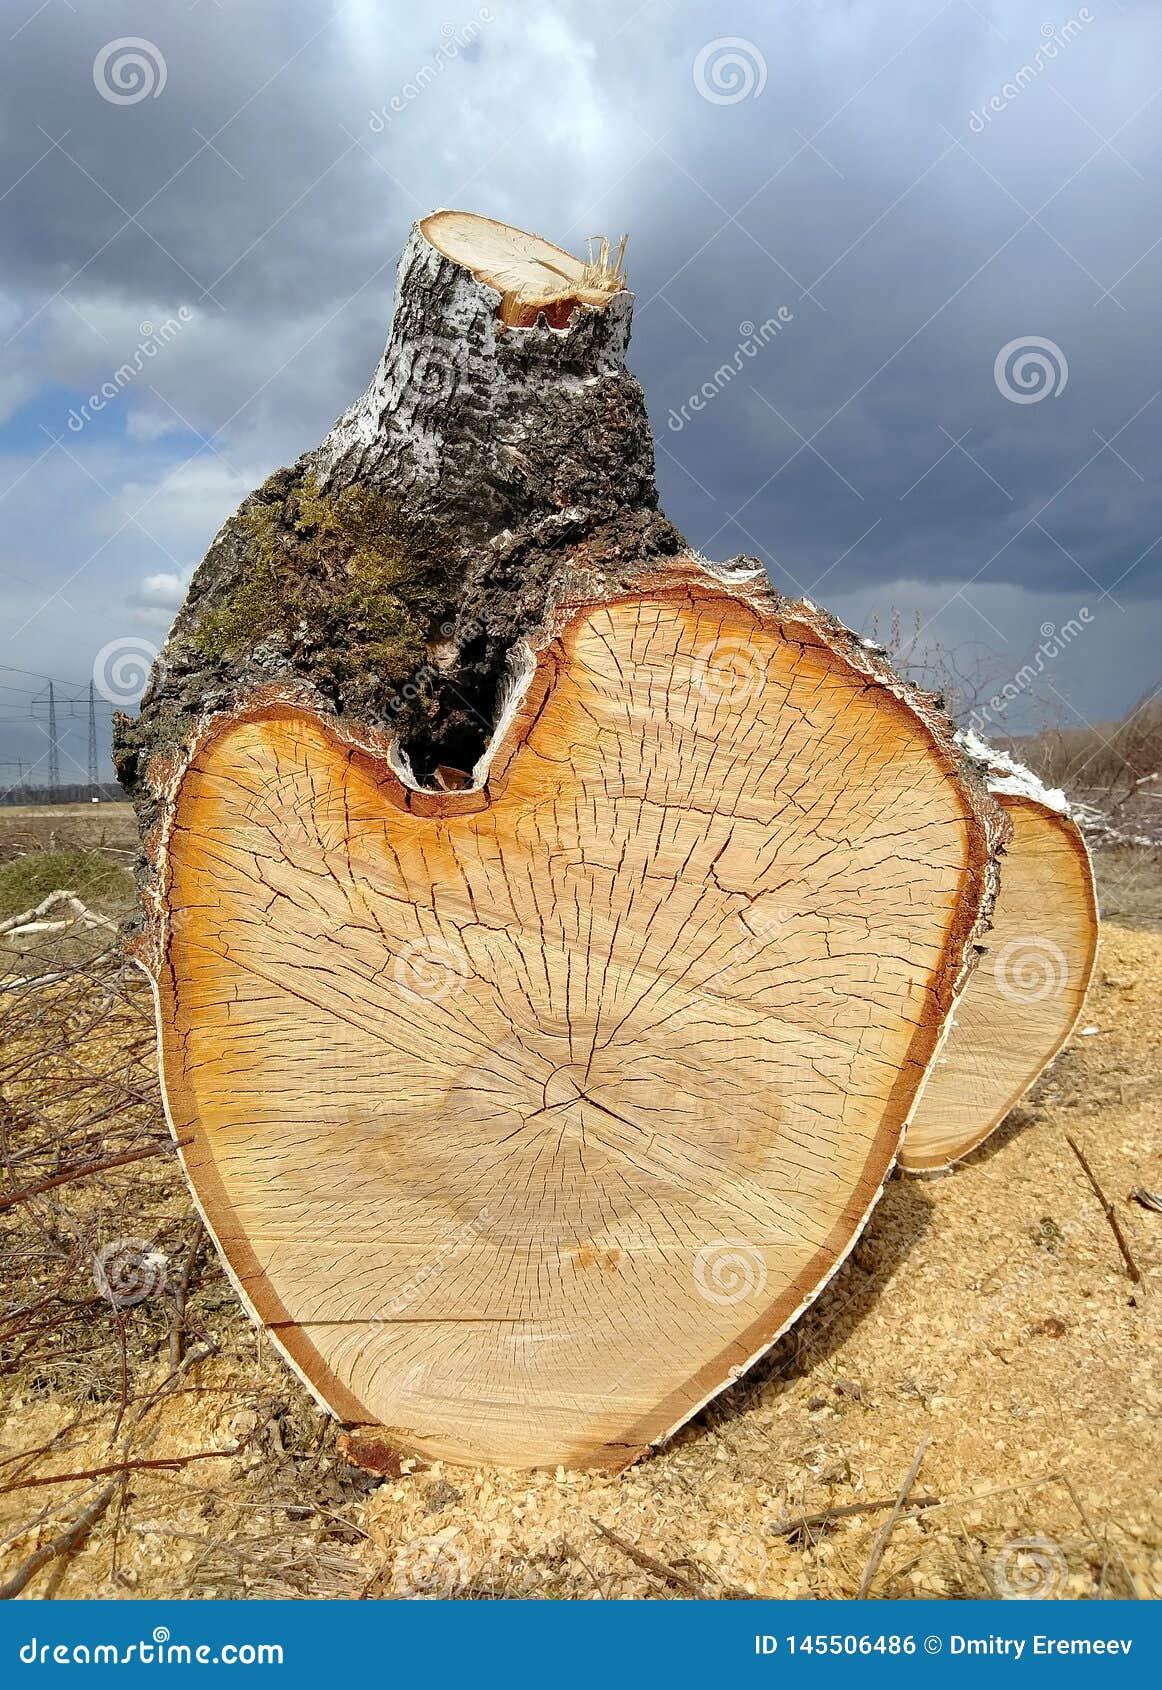 De gezaagde boomstam van een berkboom ligt op de grond